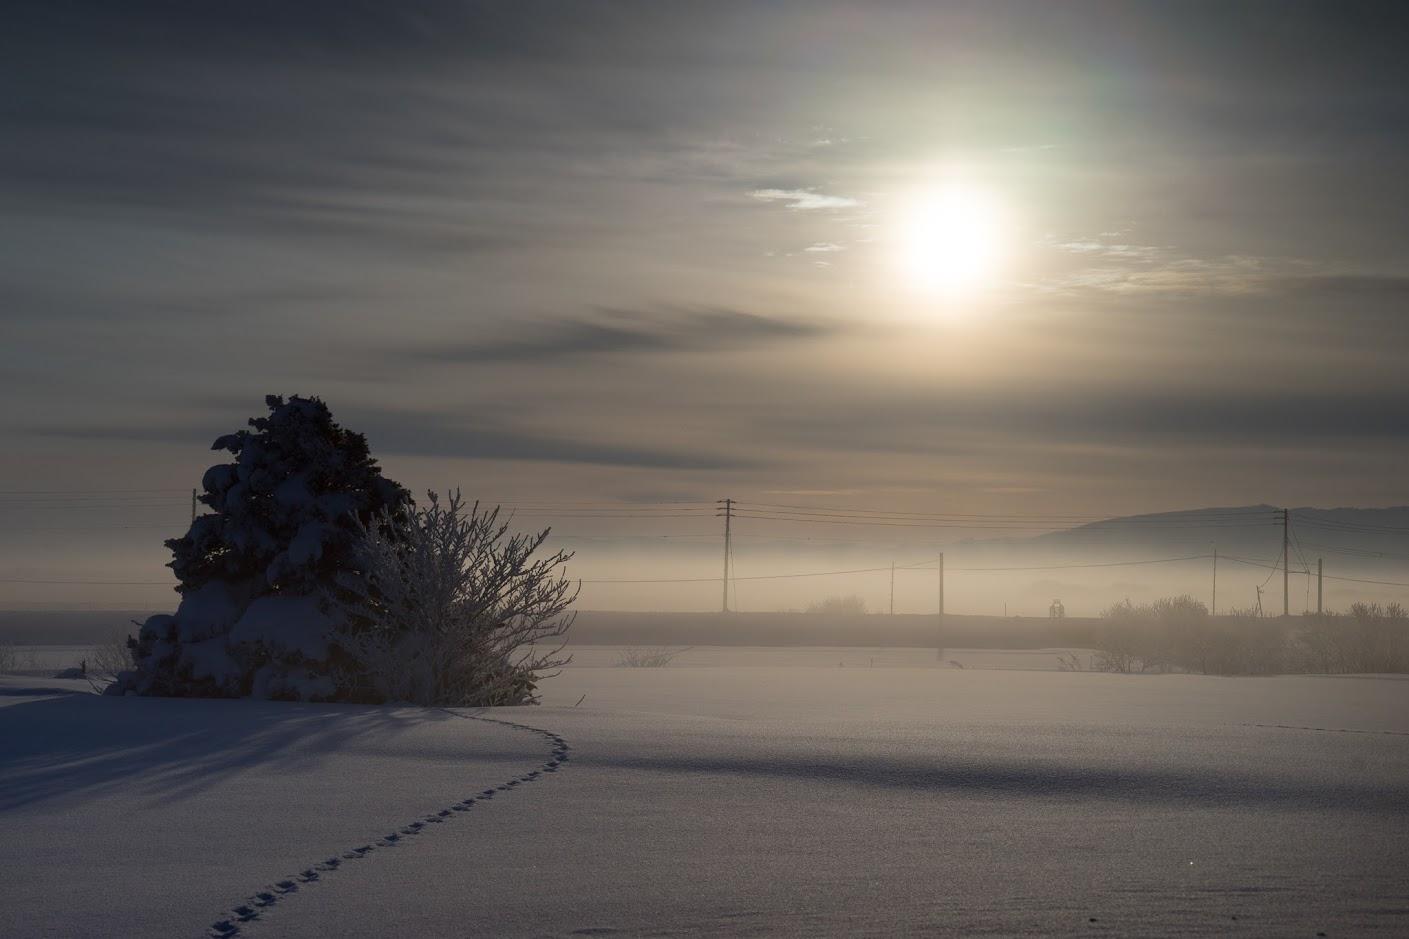 樹木に潜りこむ雪原の足跡